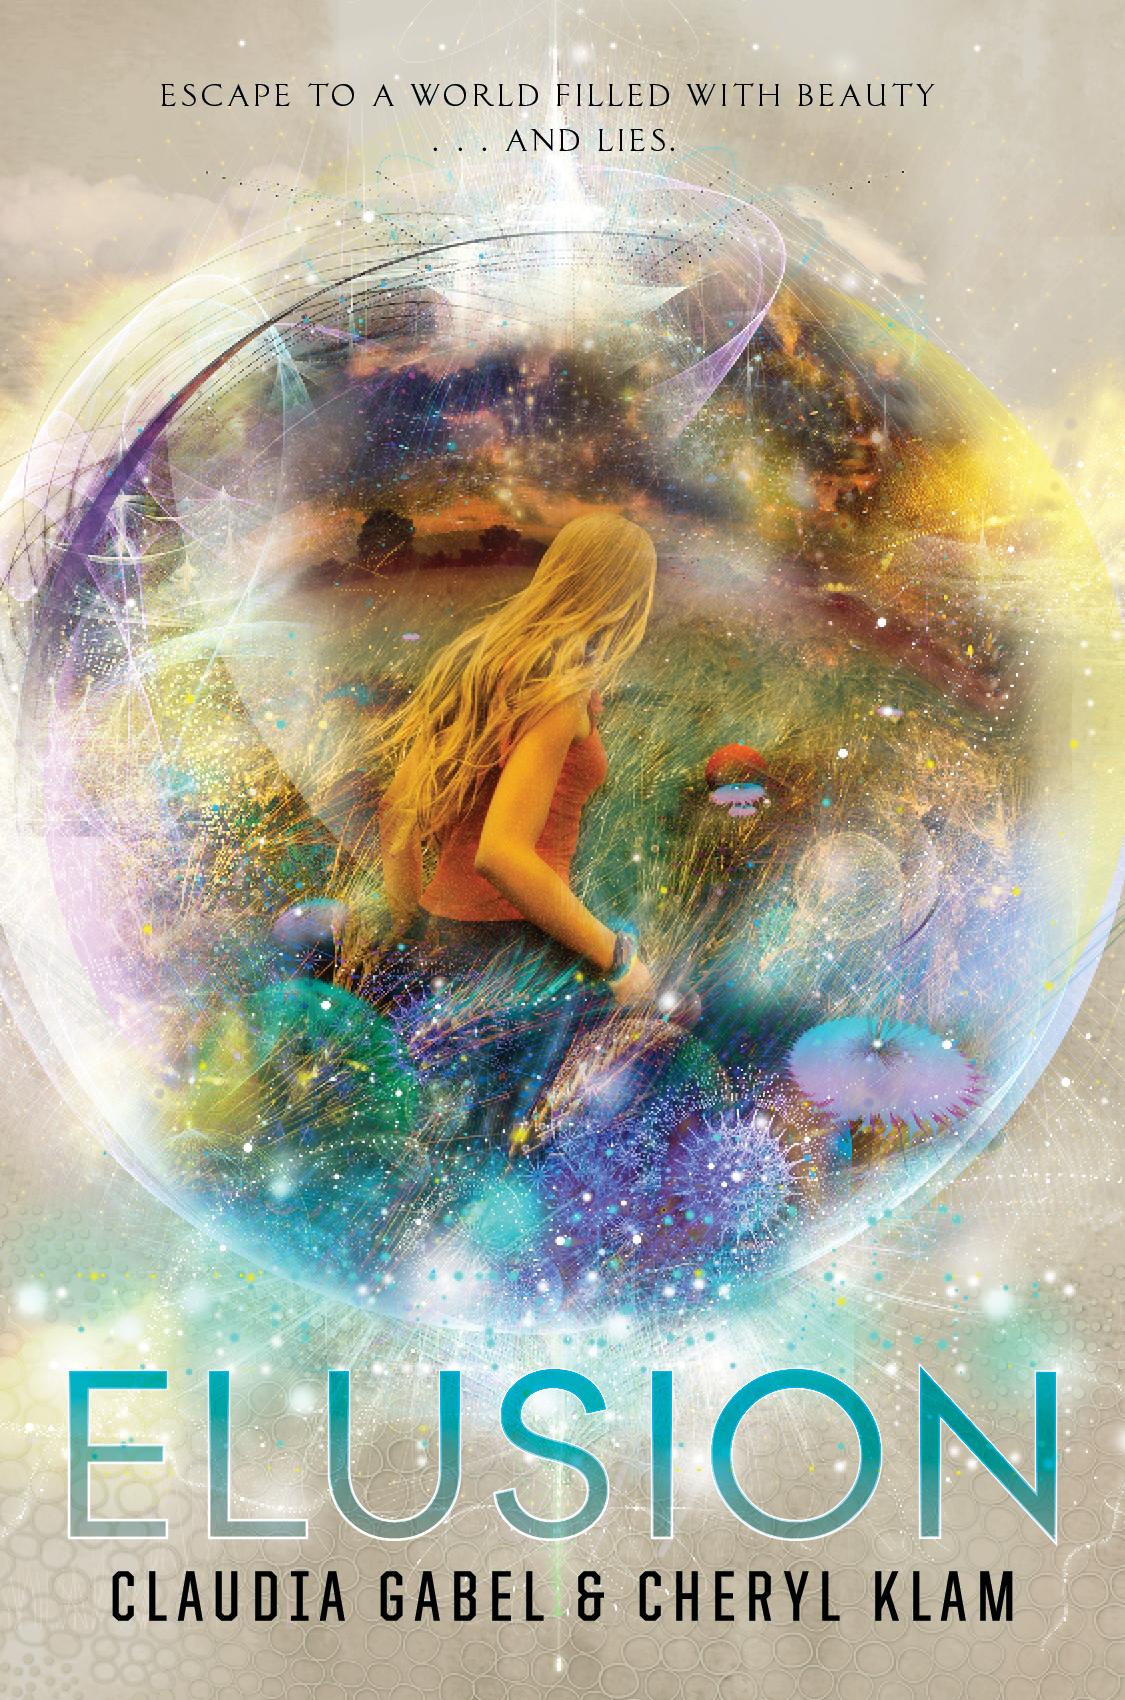 elusion book